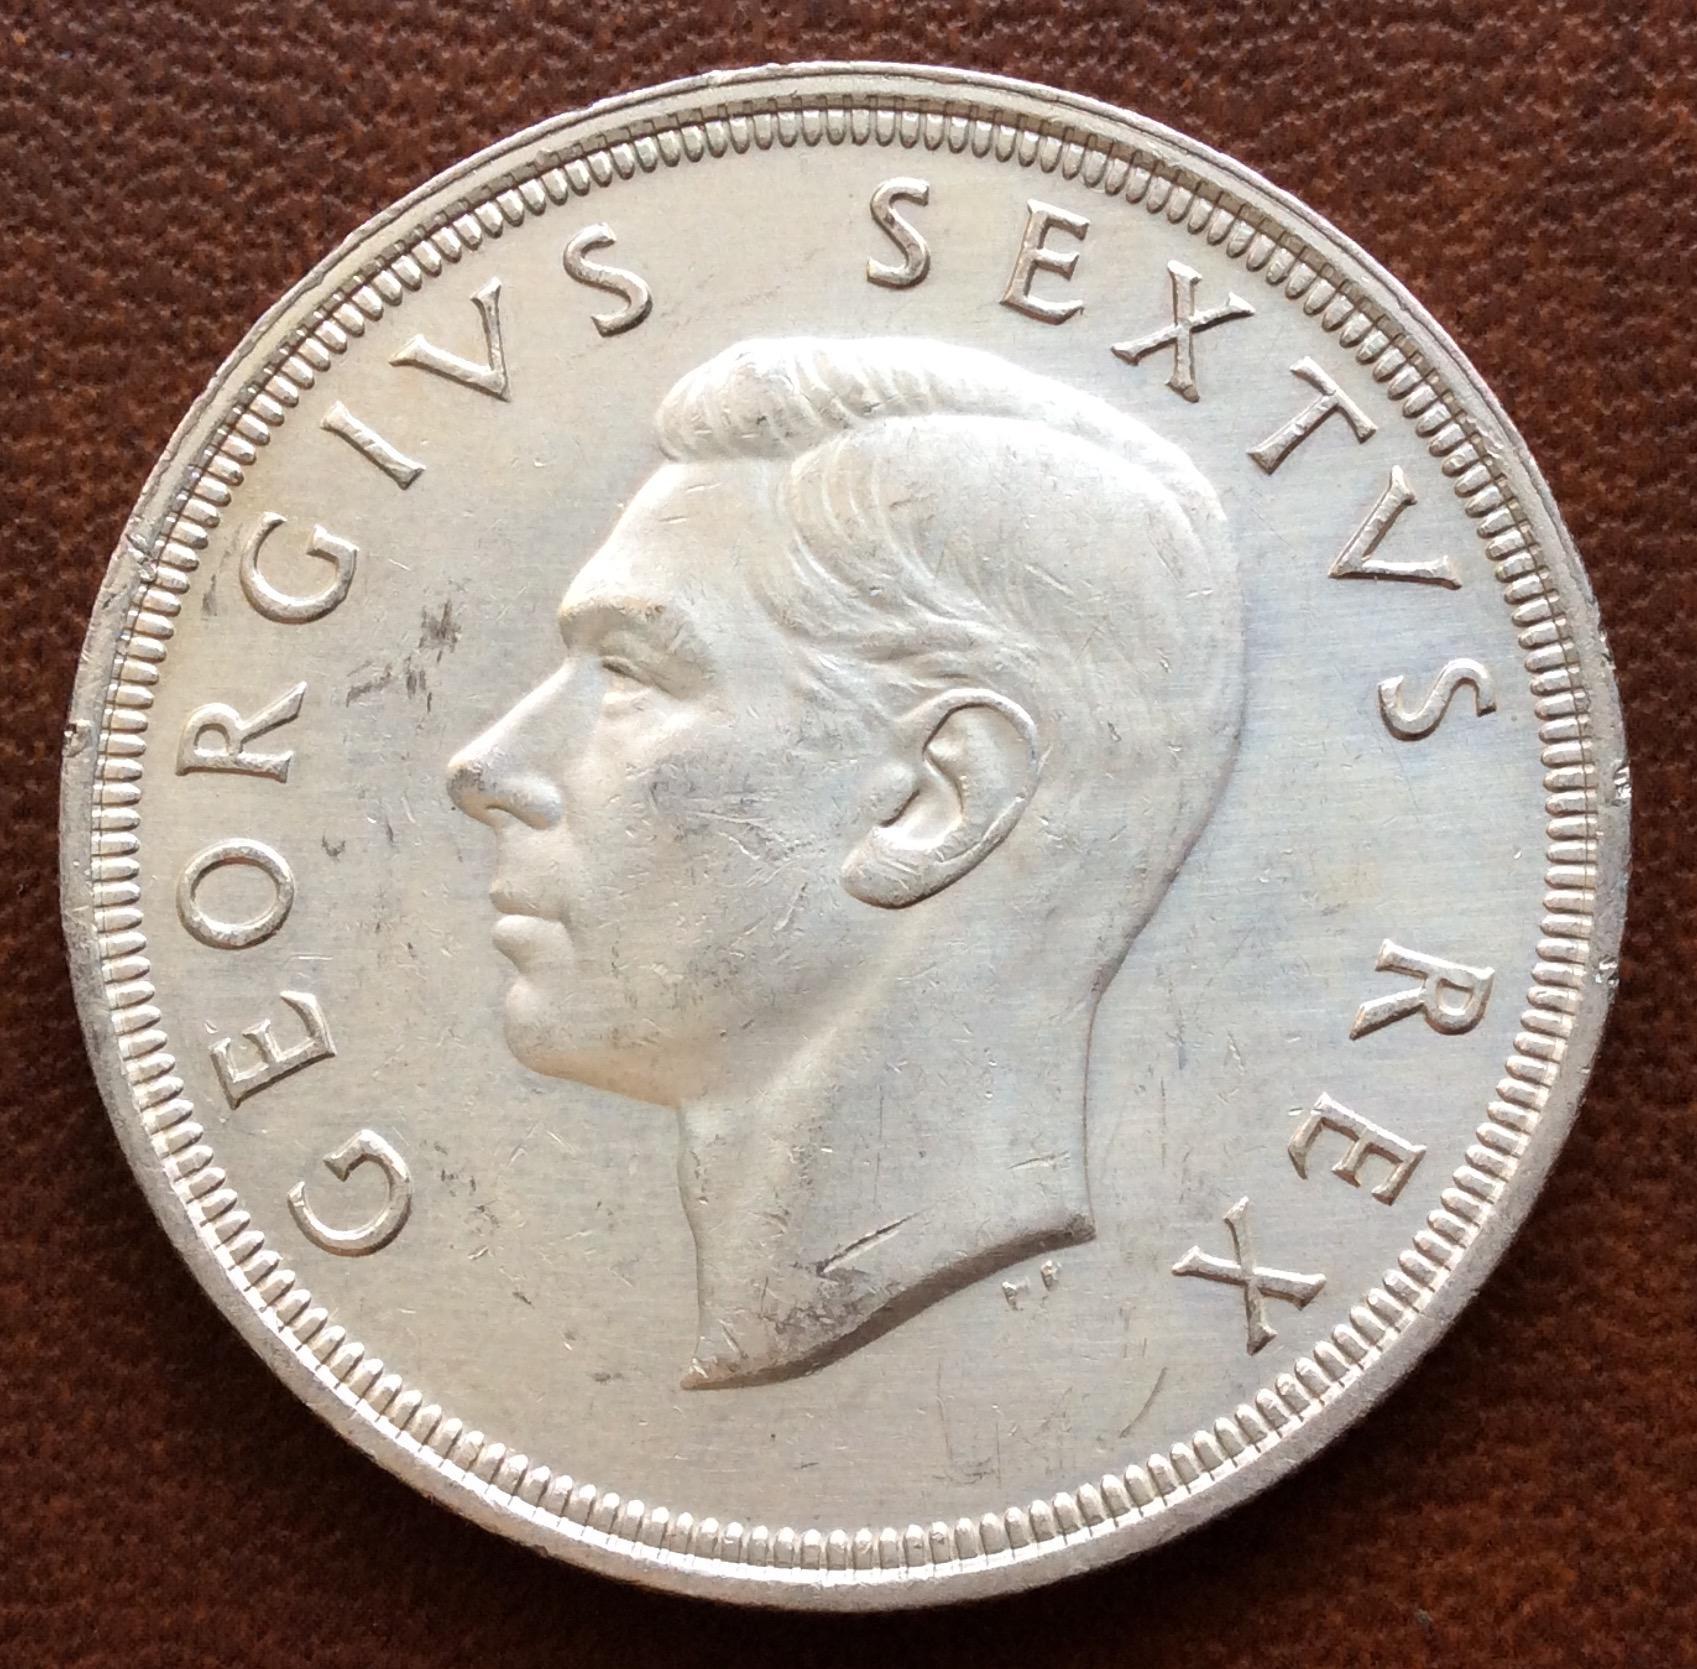 5 SHILLINGS DE PLATA DE 1948 - SUDÁFRICA - JORGE VI - GEORGIUS SEXTUS REX